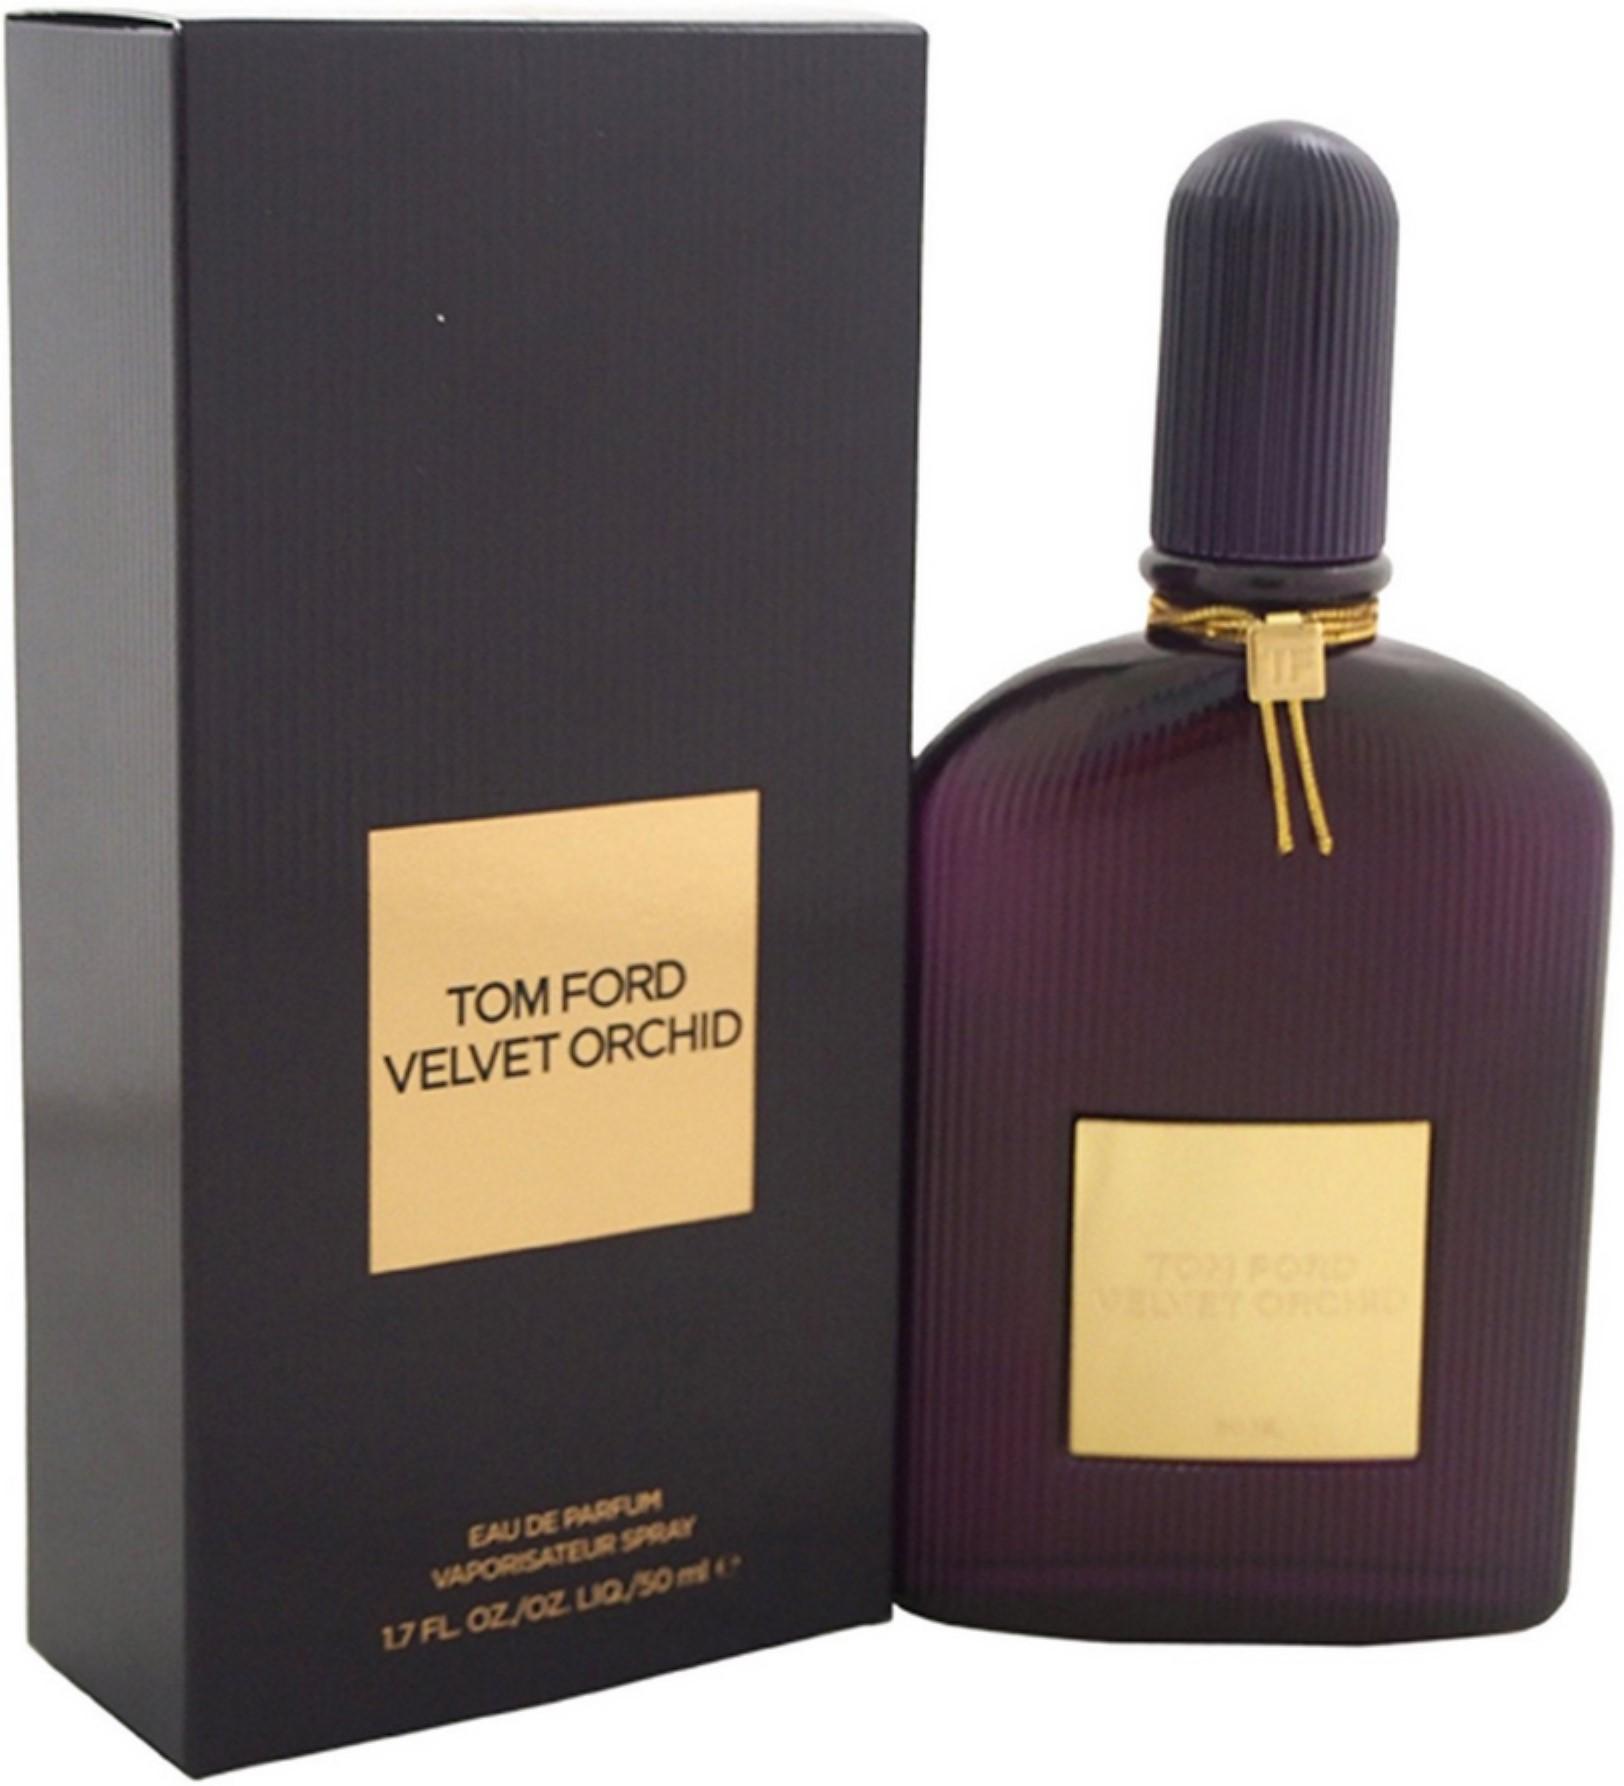 Tom Ford Velvet Orchid Eau de Parfum Spray for Women 1.7 oz